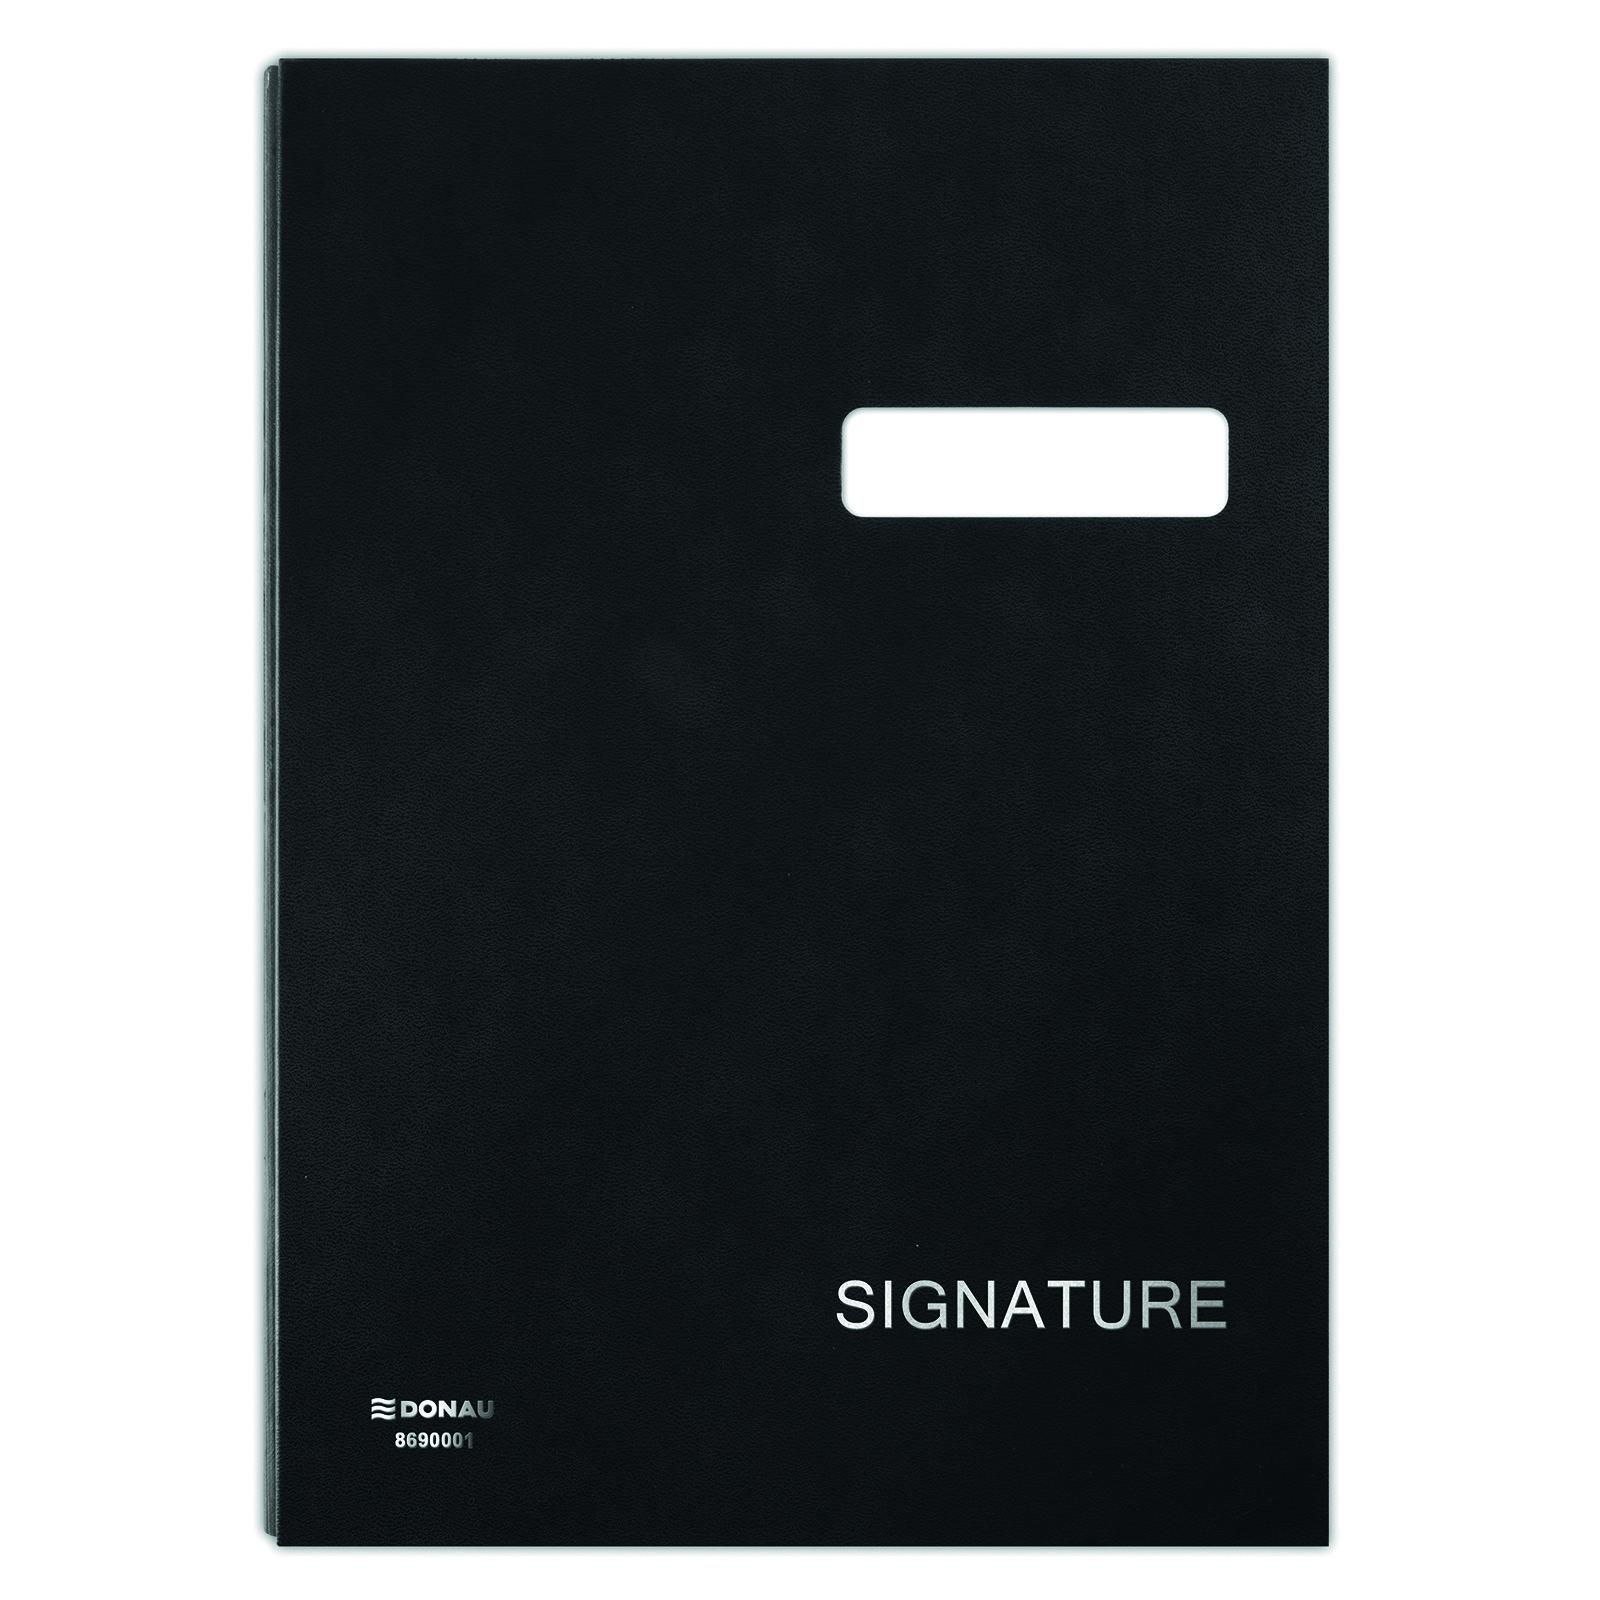 Mapa pentru semnaturi 20 file, Donau - negru